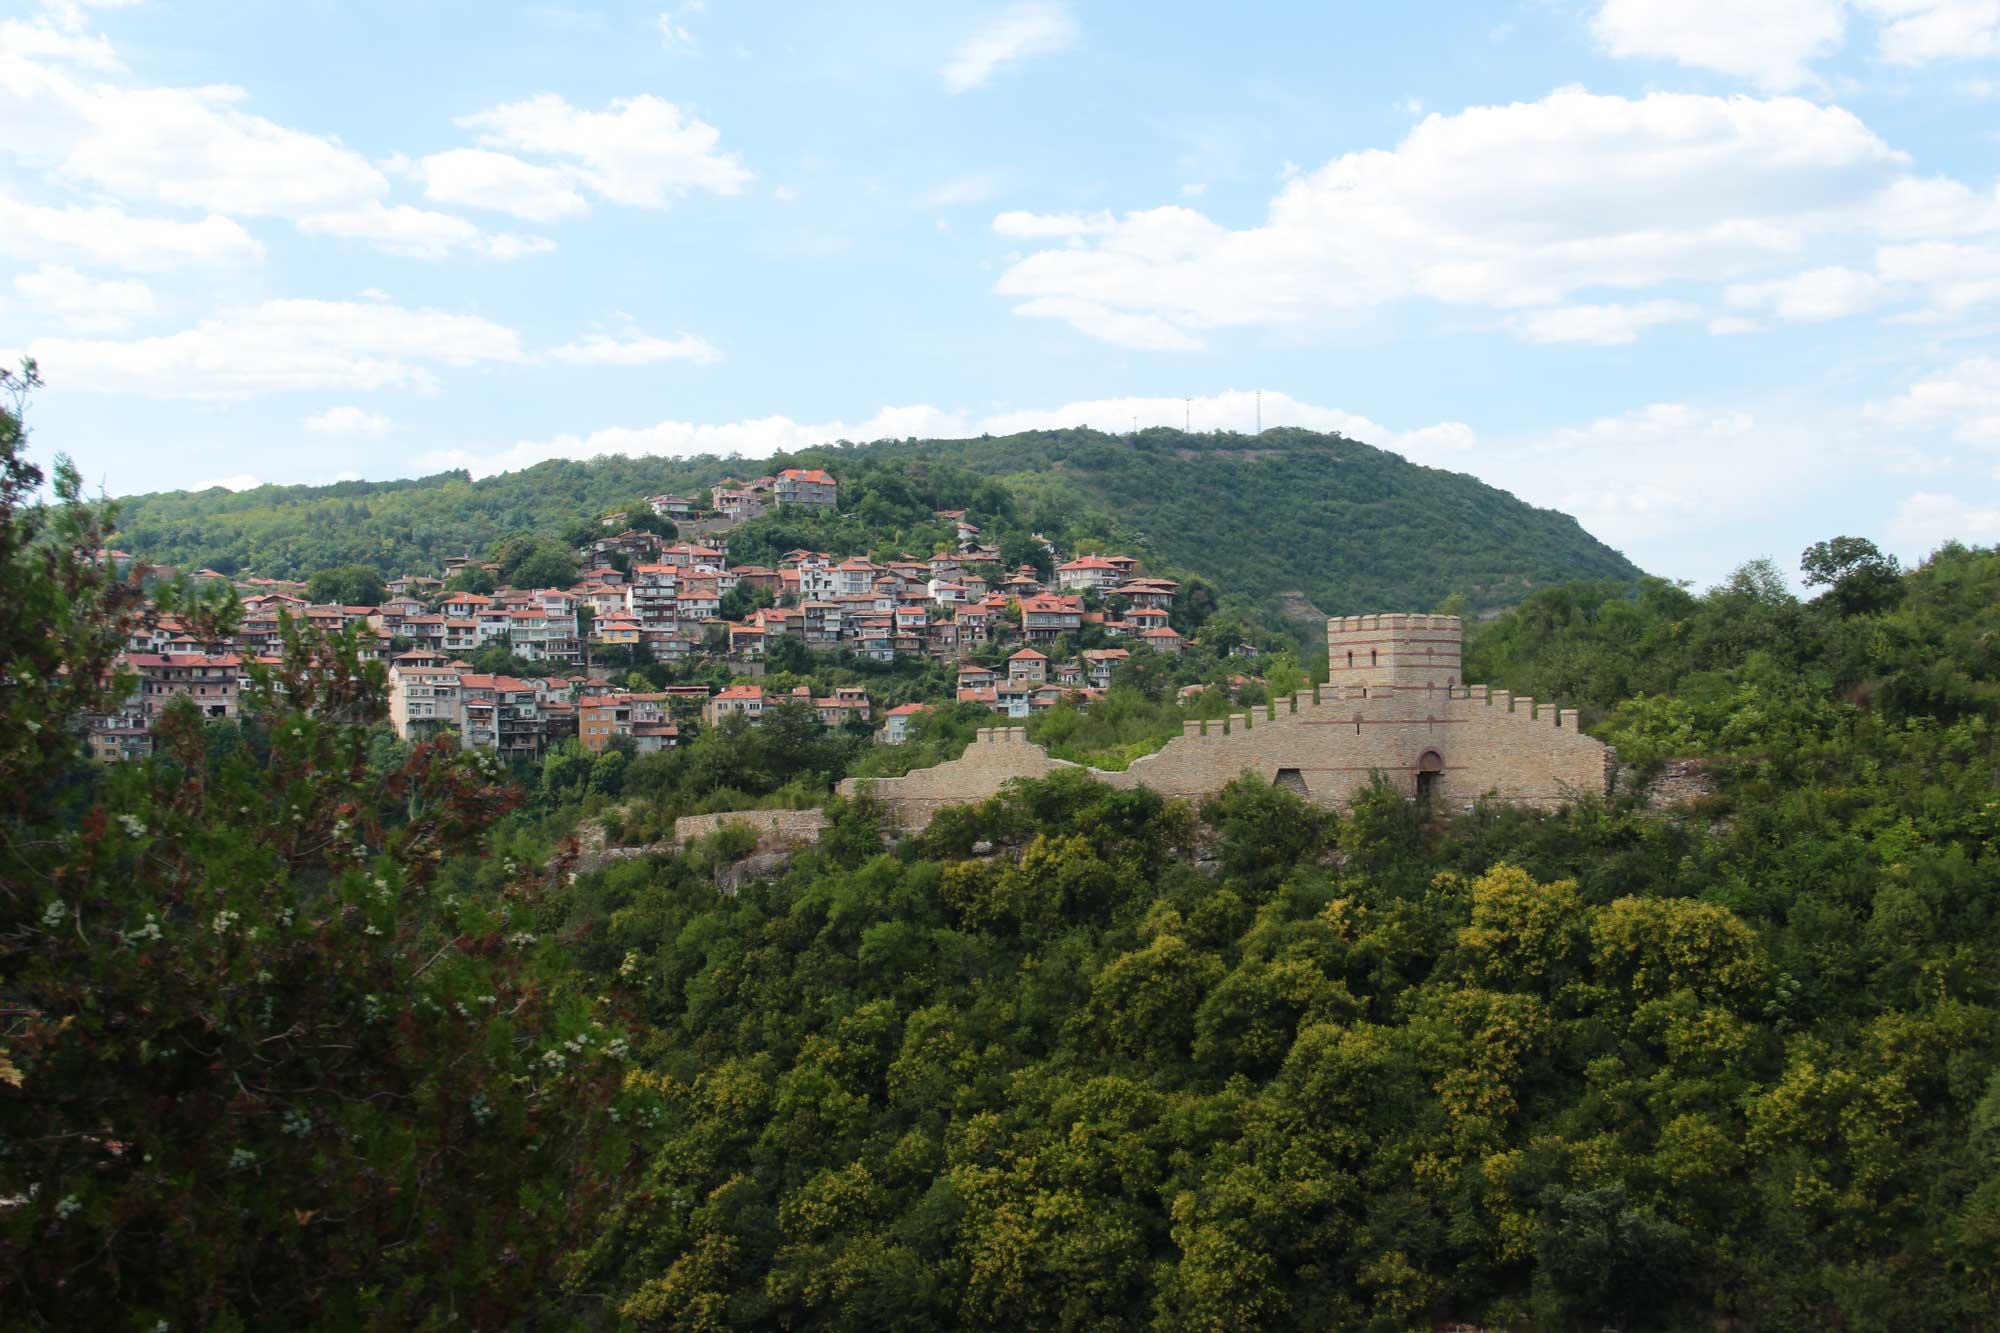 повсюду остатки городских стен и укреплений